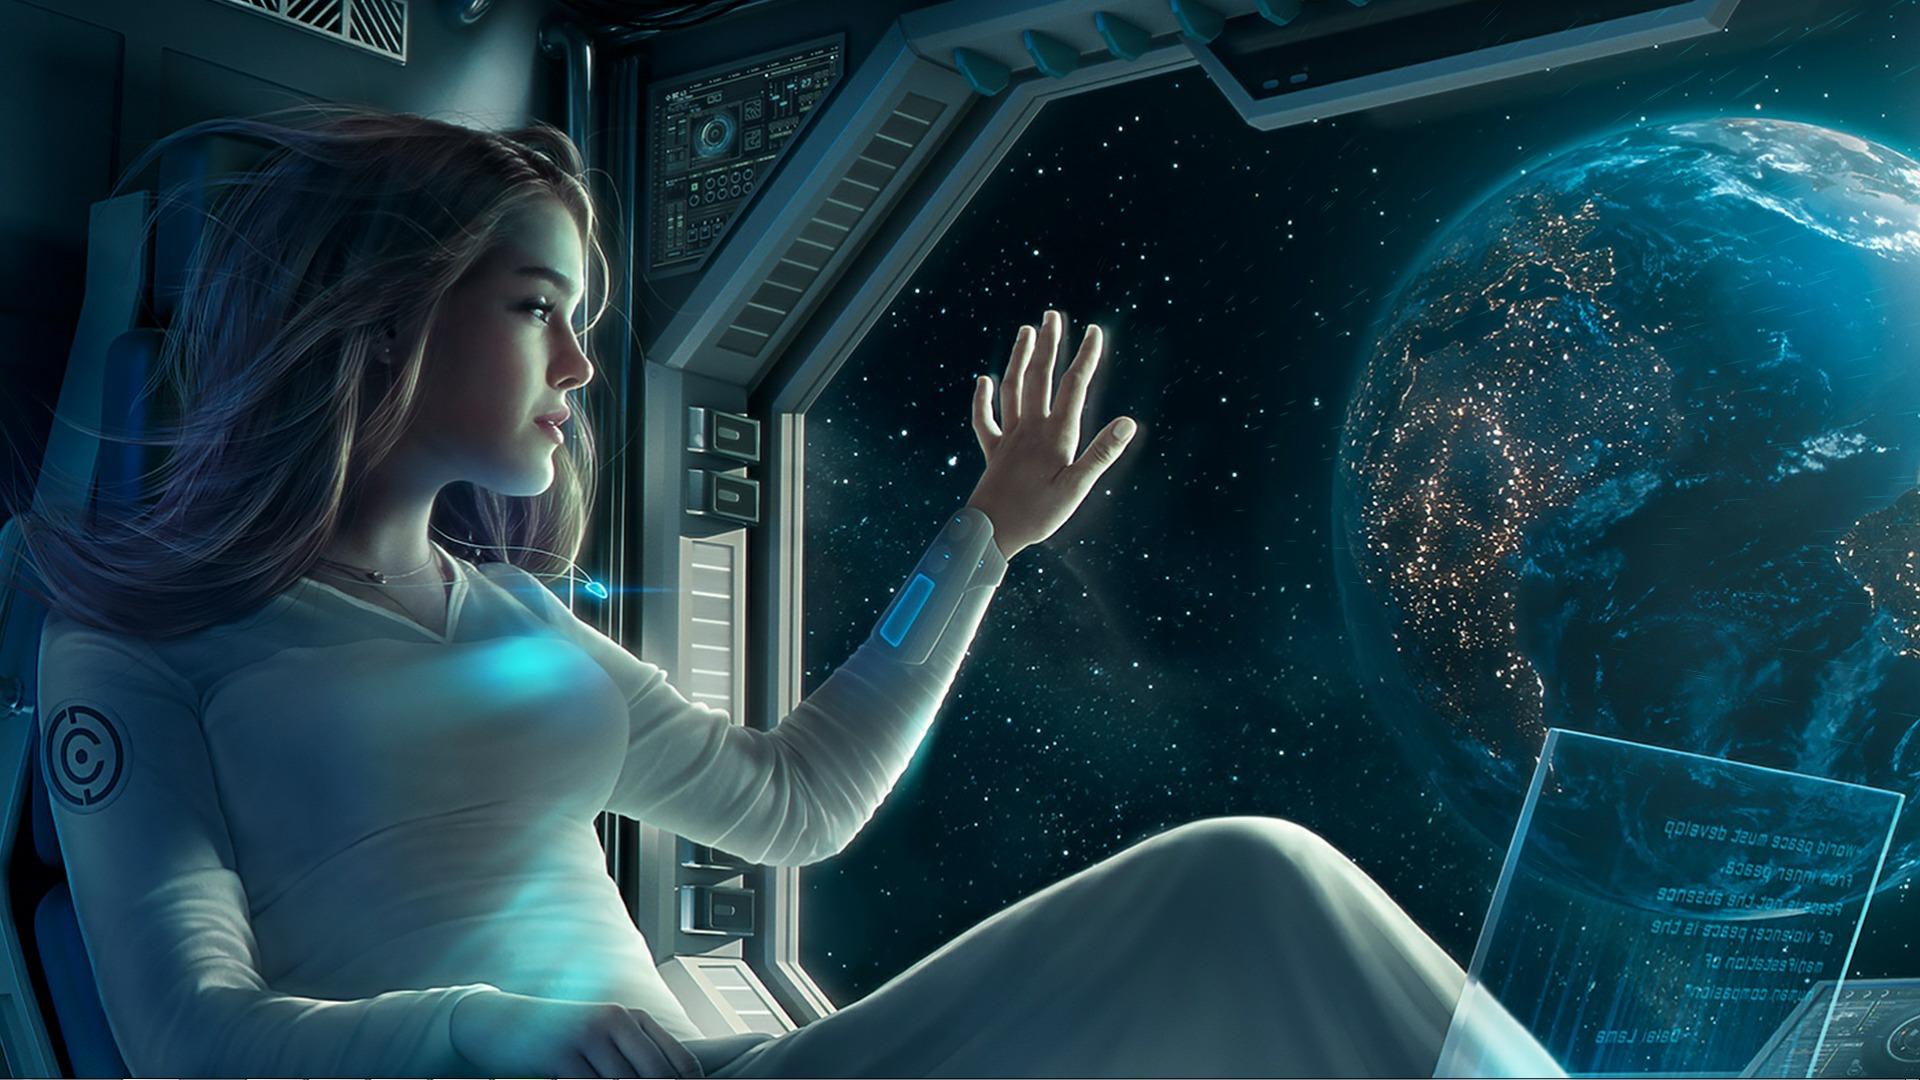 Мир на земле космос земля звезды девушка